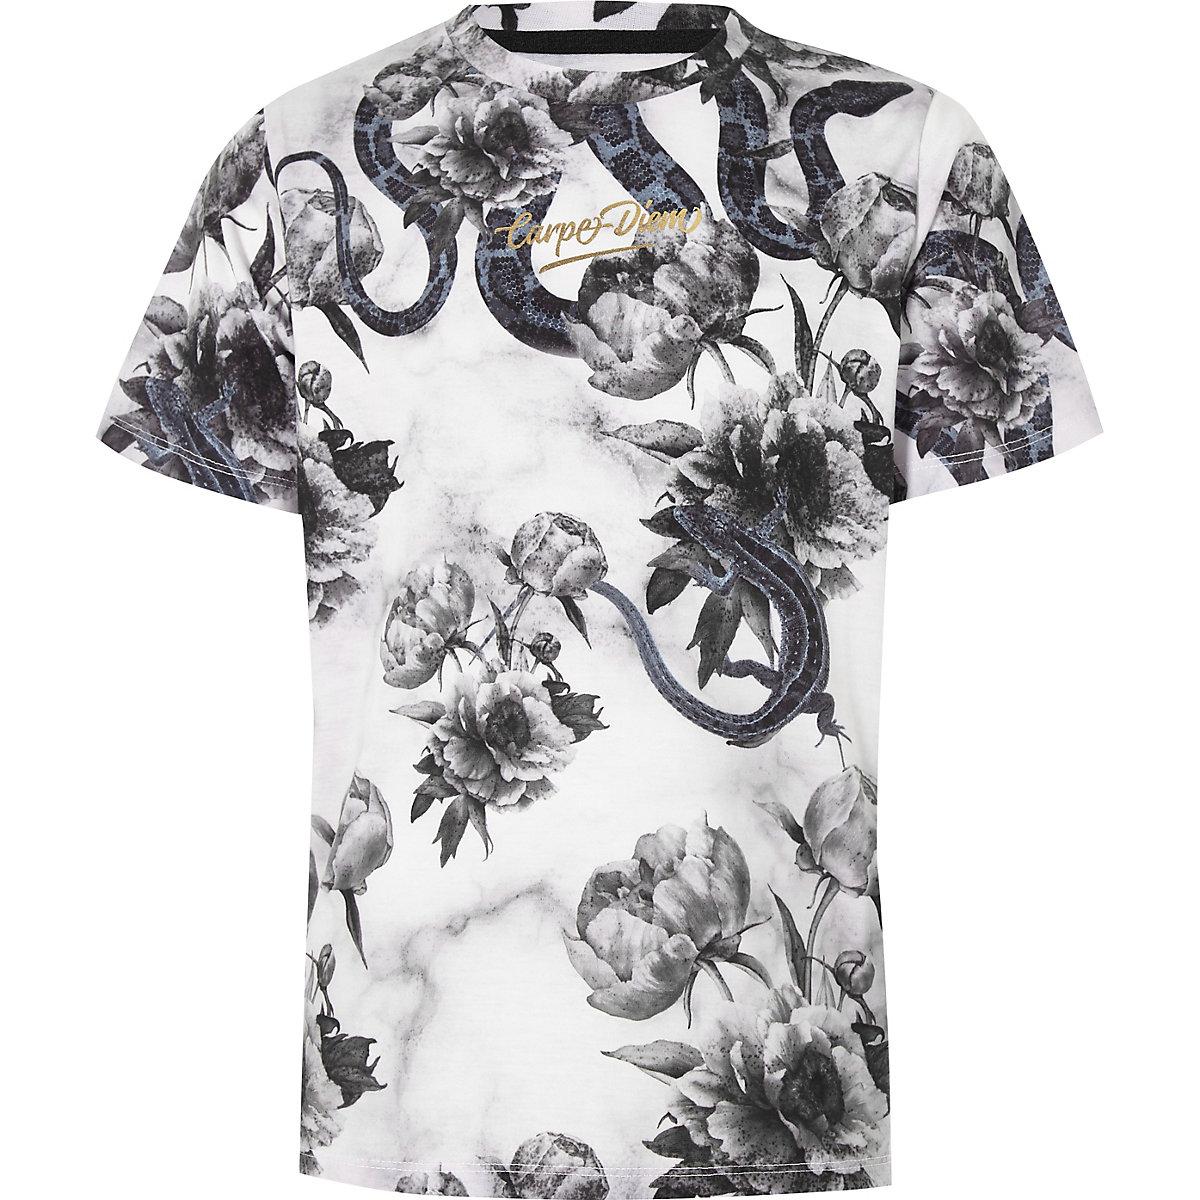 Boys black mixed print 'Carpe Diem' T-shirt